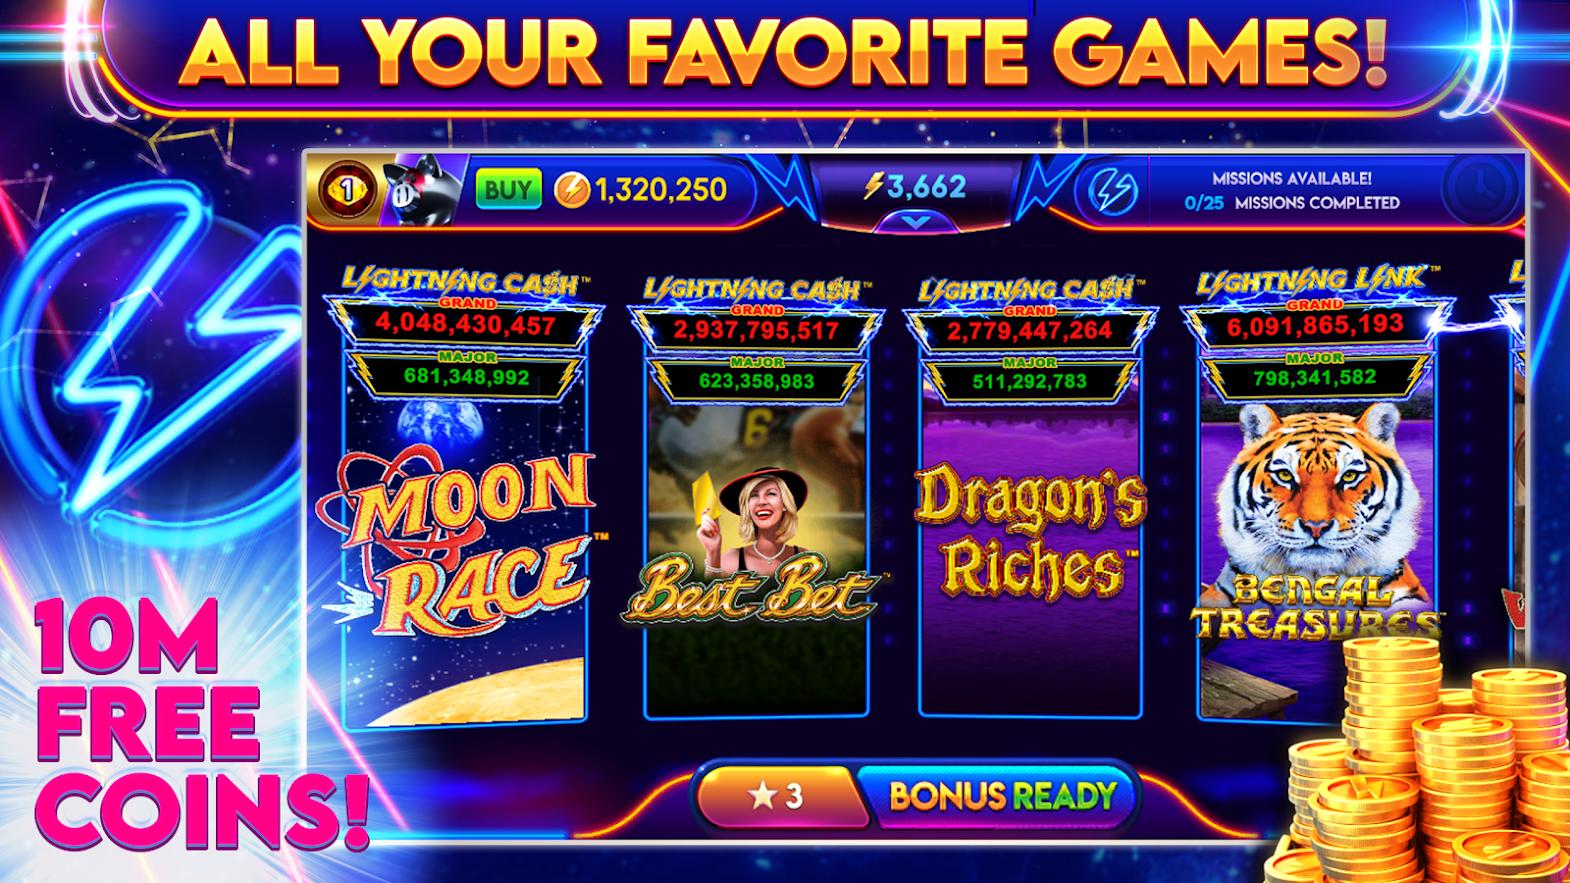 Casino Bonus For Free